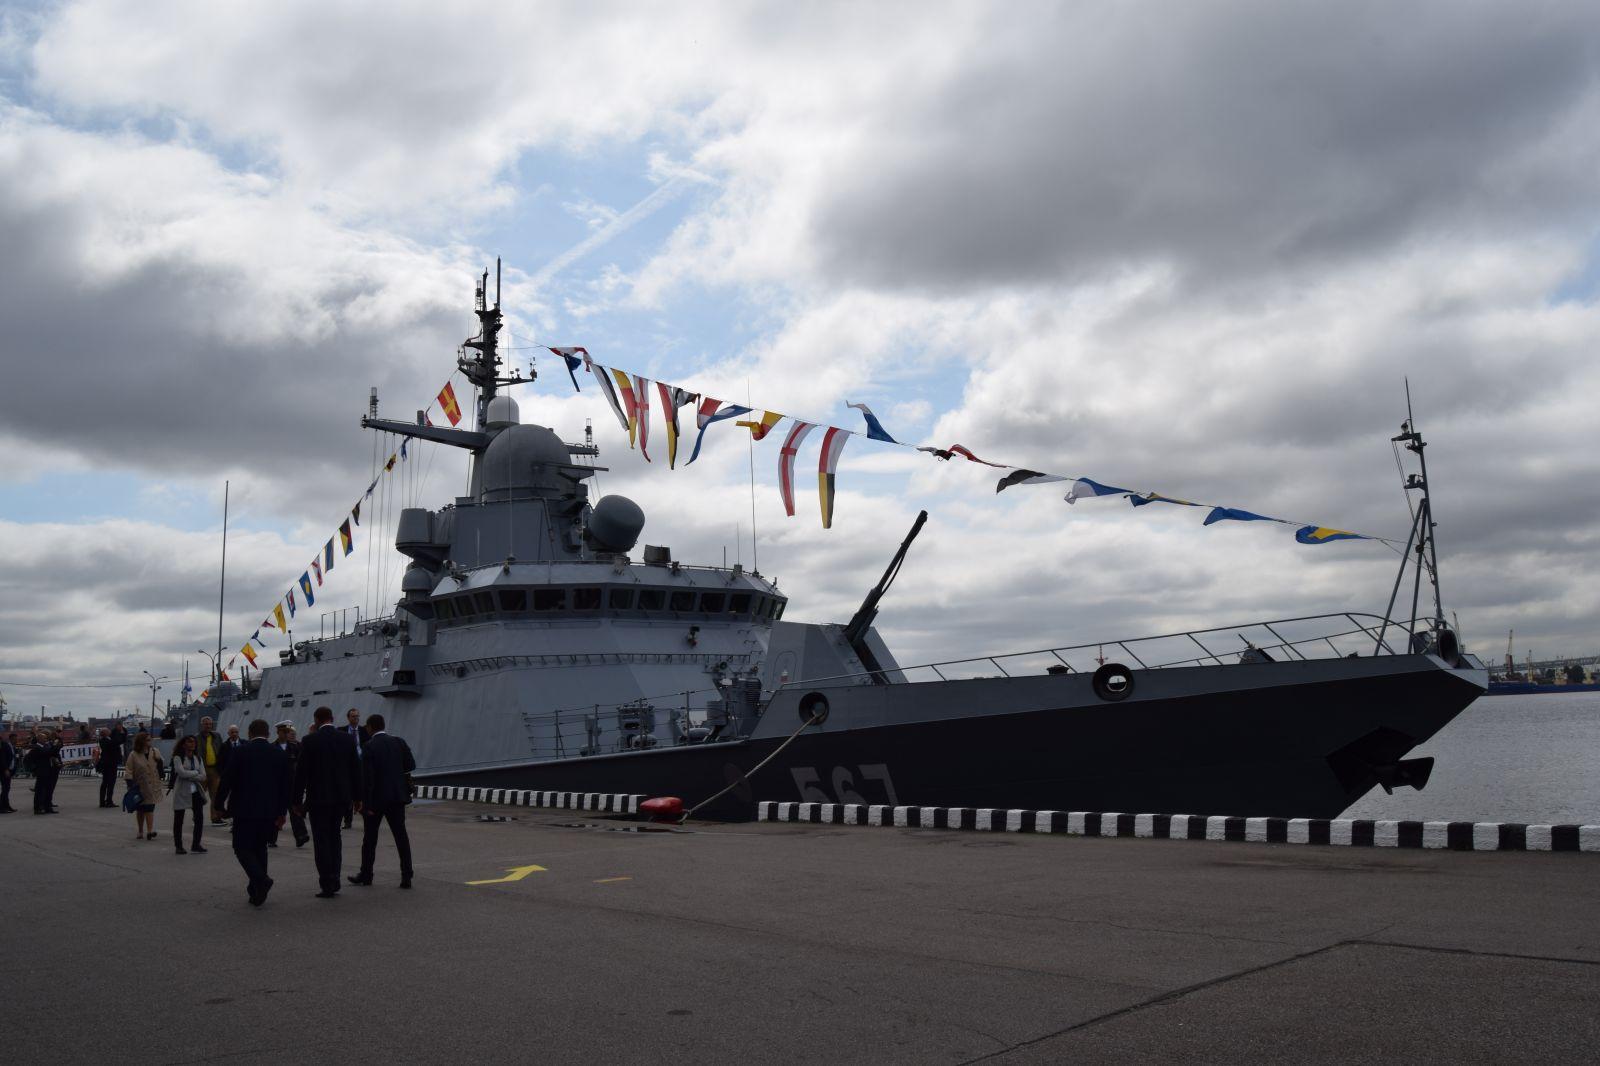 МВМС-2019 - Част от новите кораби на Русия